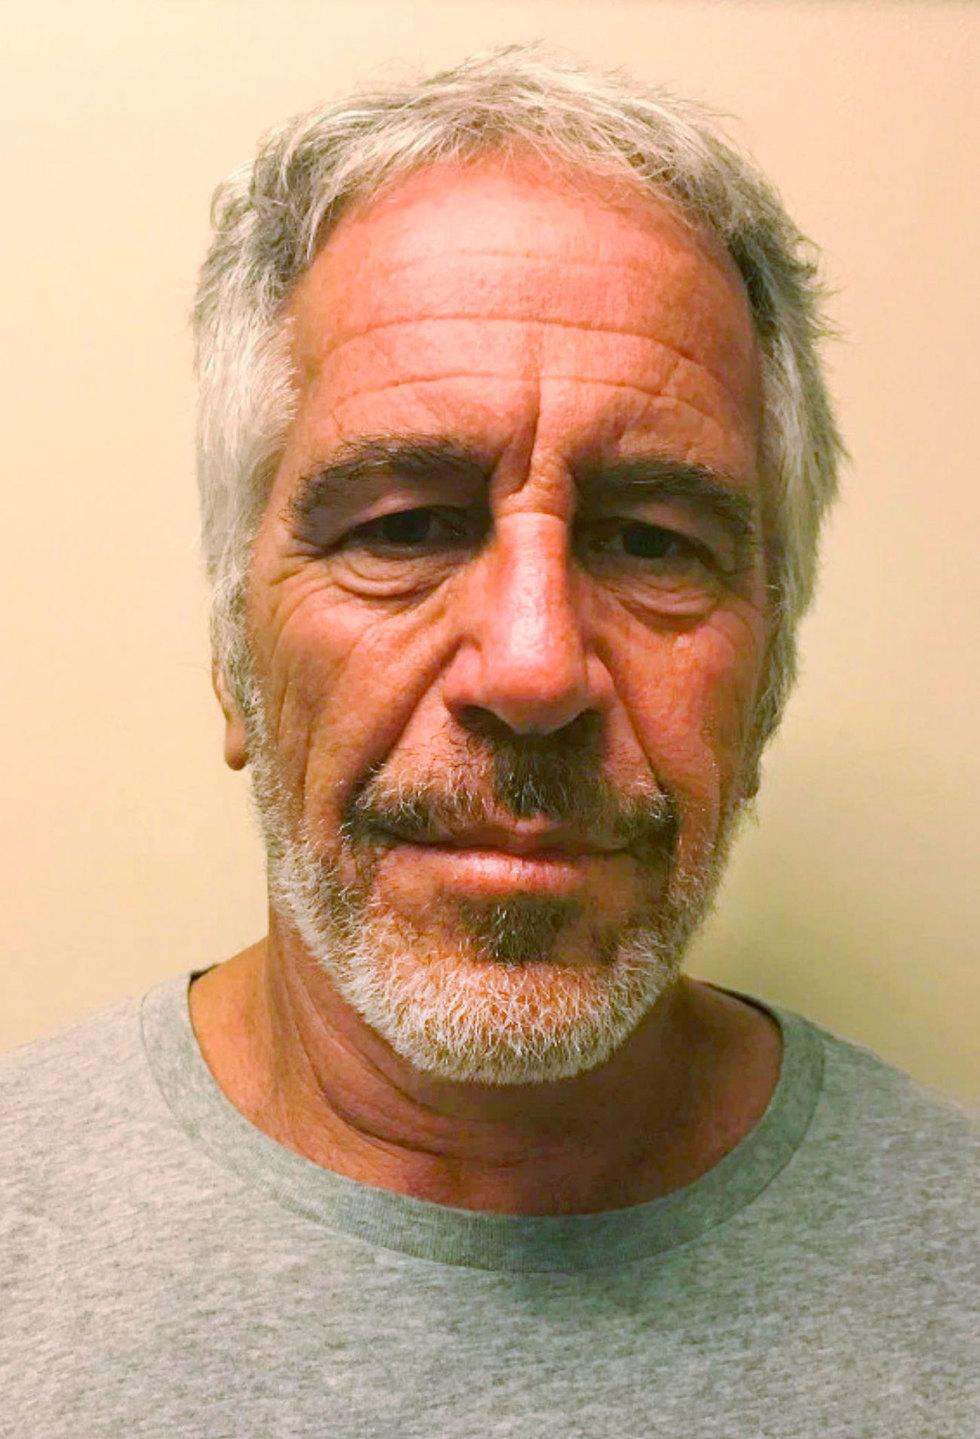 אחוזה בית של ג'פרי אפשטיין שמואשם ב סחר ב נערות לצורכי מין ניו יורק מנהטן (צילום: AP)